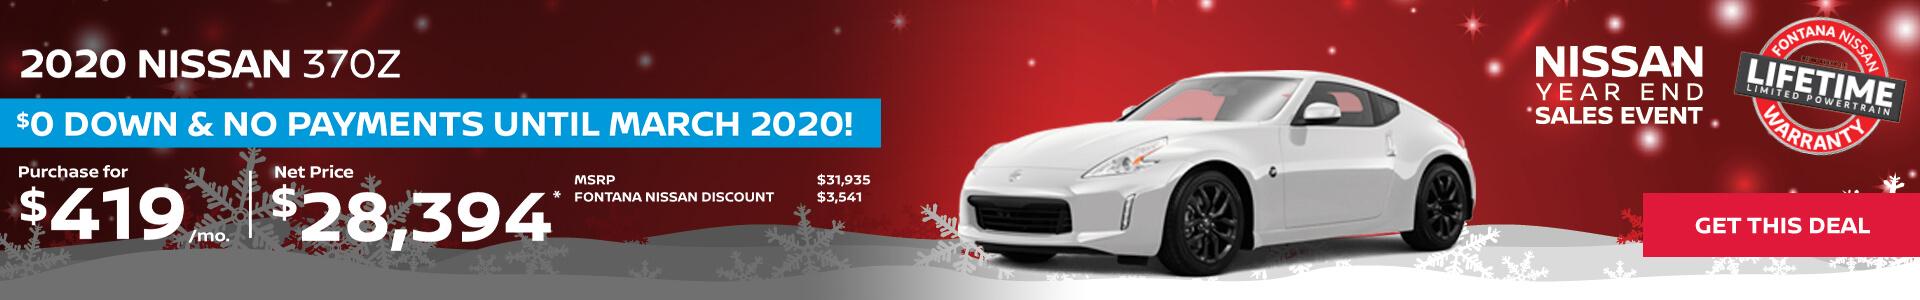 Nissan 370Z $419